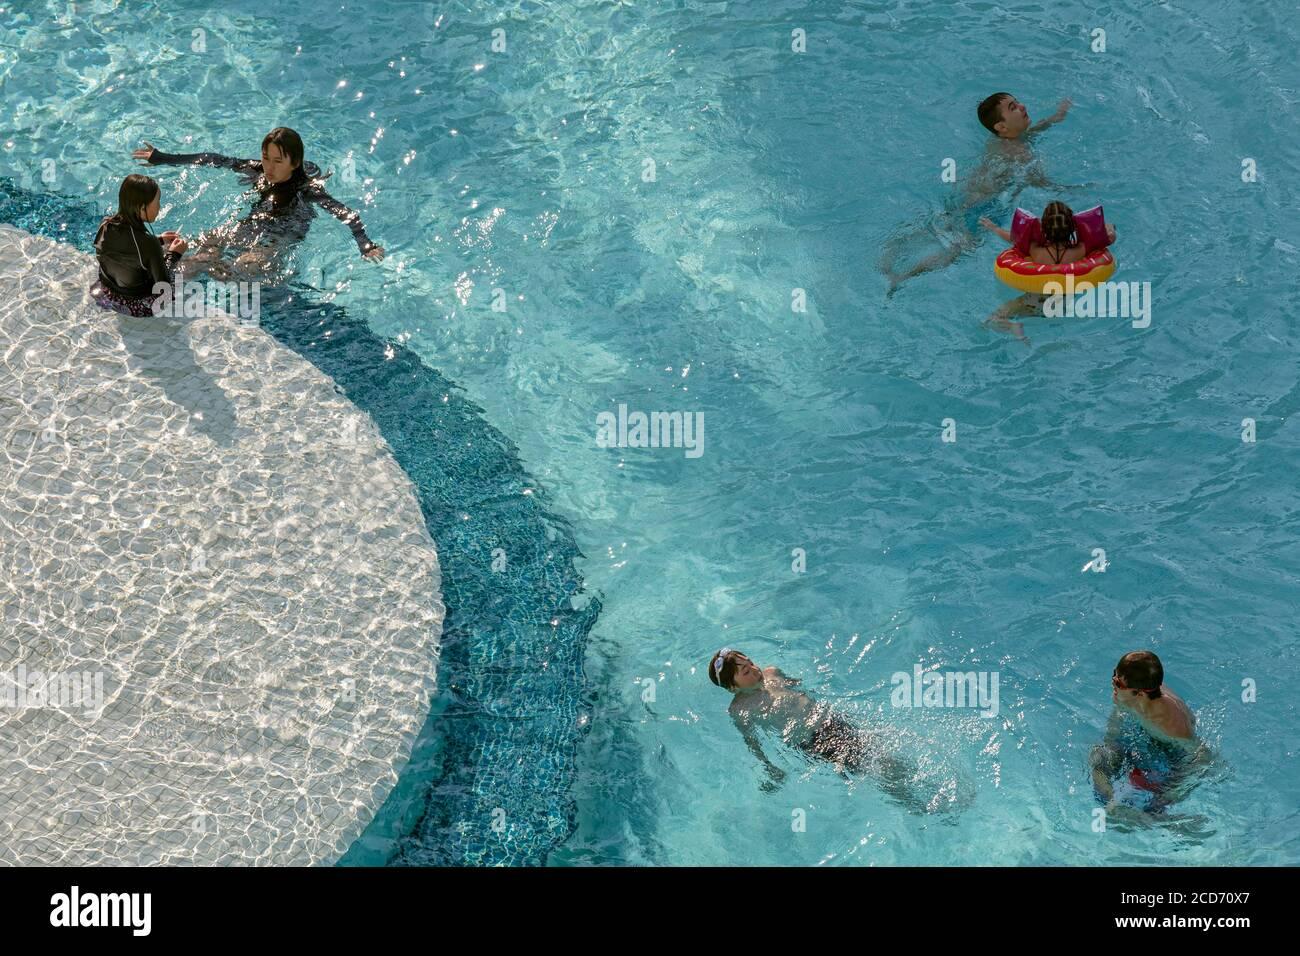 Enfants jouant dans la piscine de l'hôtel, Patong, Phuket, Thaïlande Banque D'Images